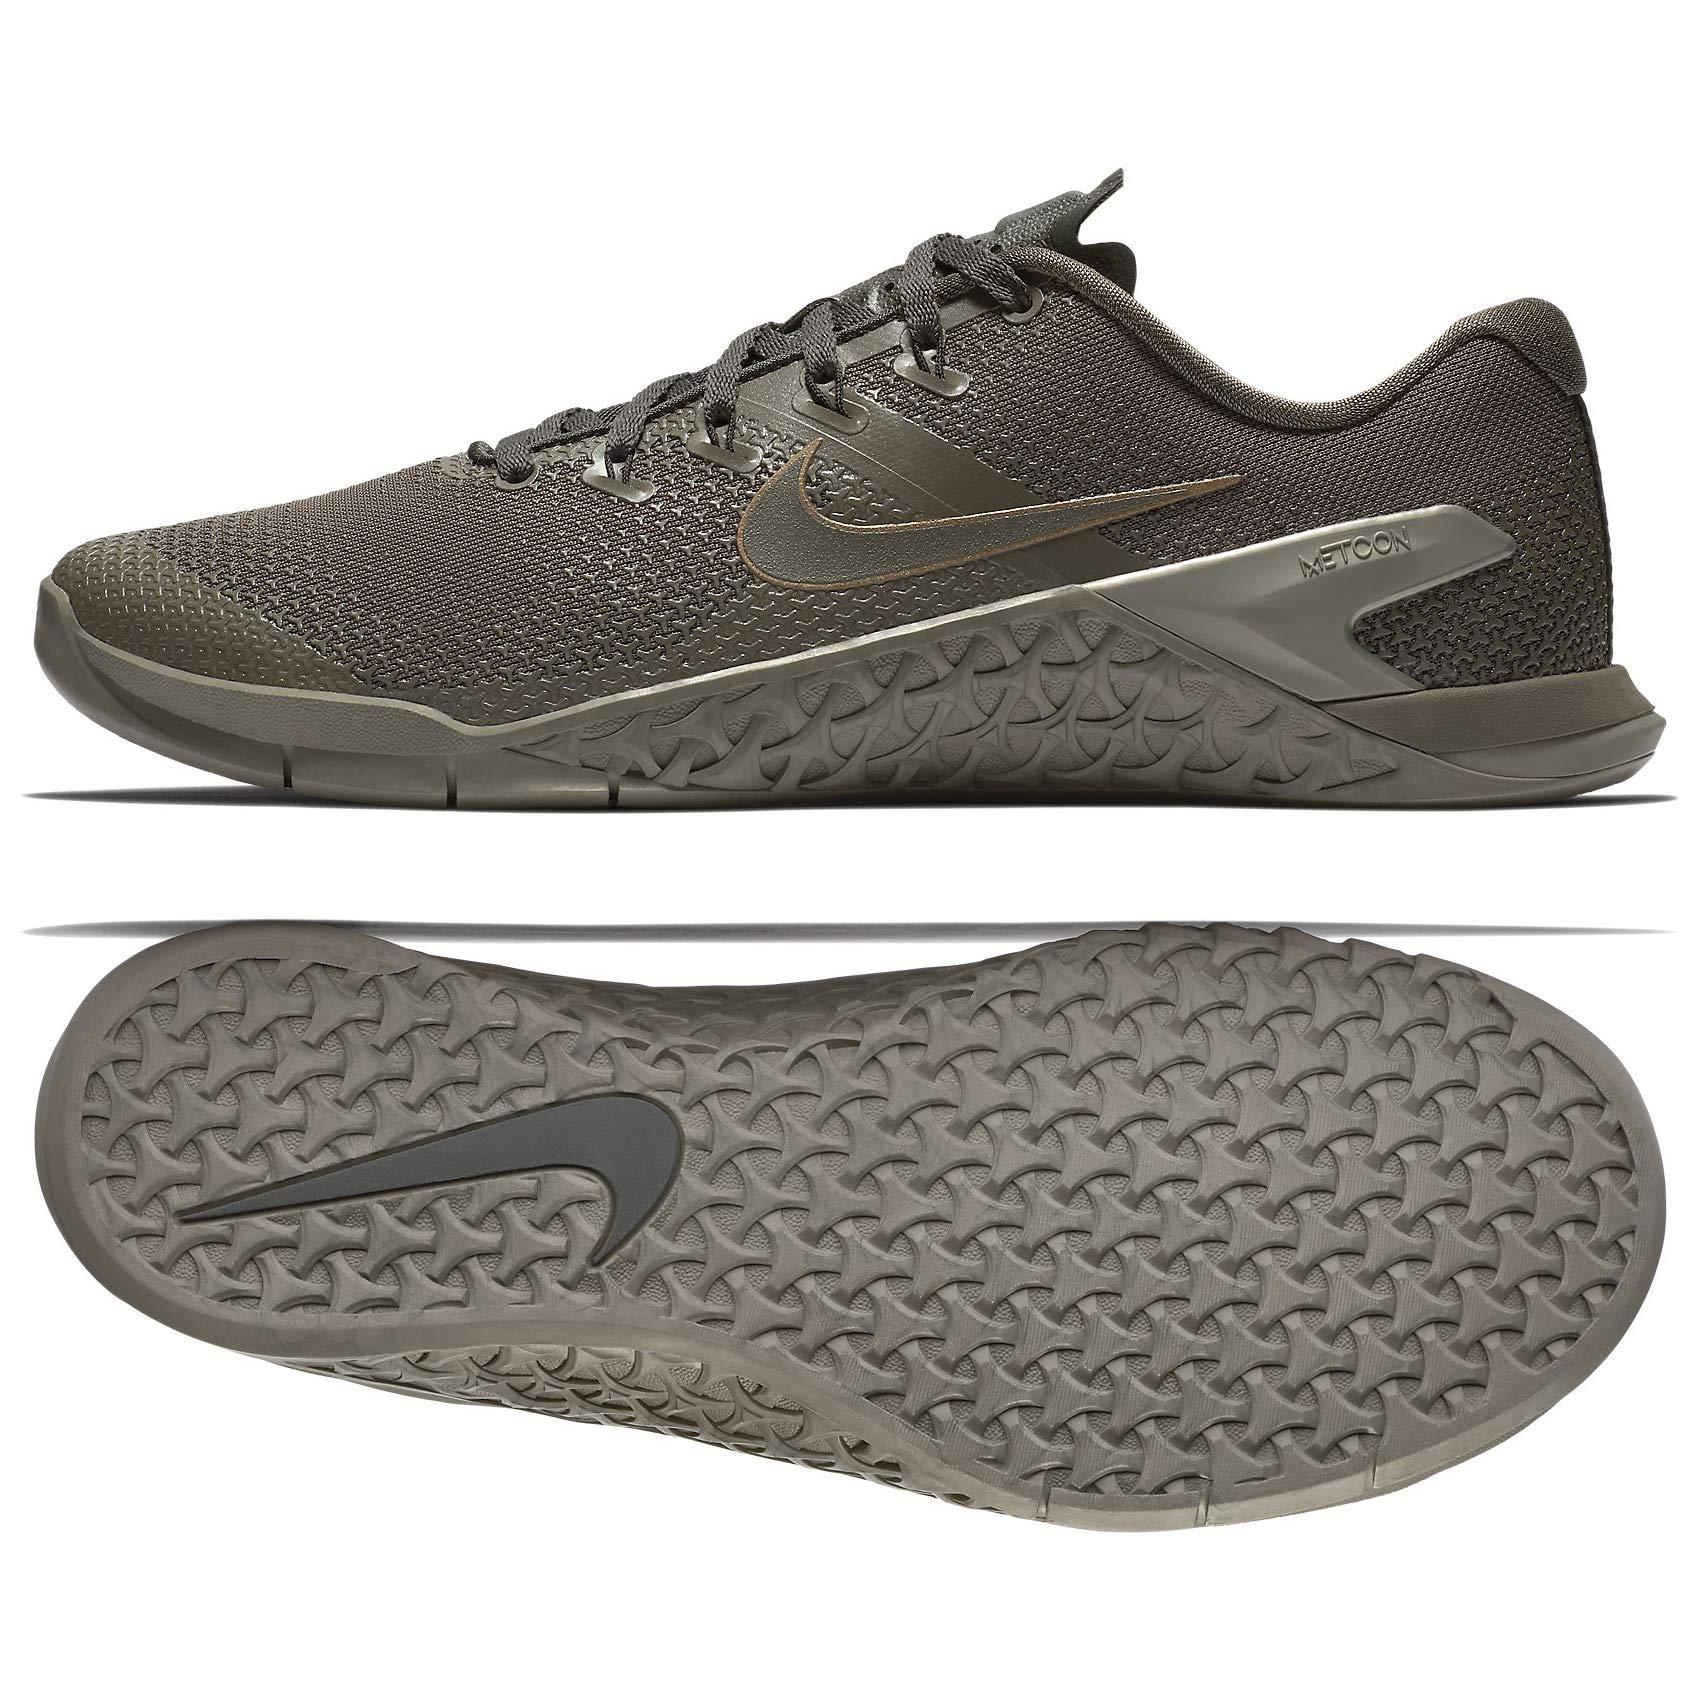 Nike Men's Metcon 4 Viking Quest Training Shoe RIDGEROCK/MTLC Pewter-Anthracite-Black 7.0